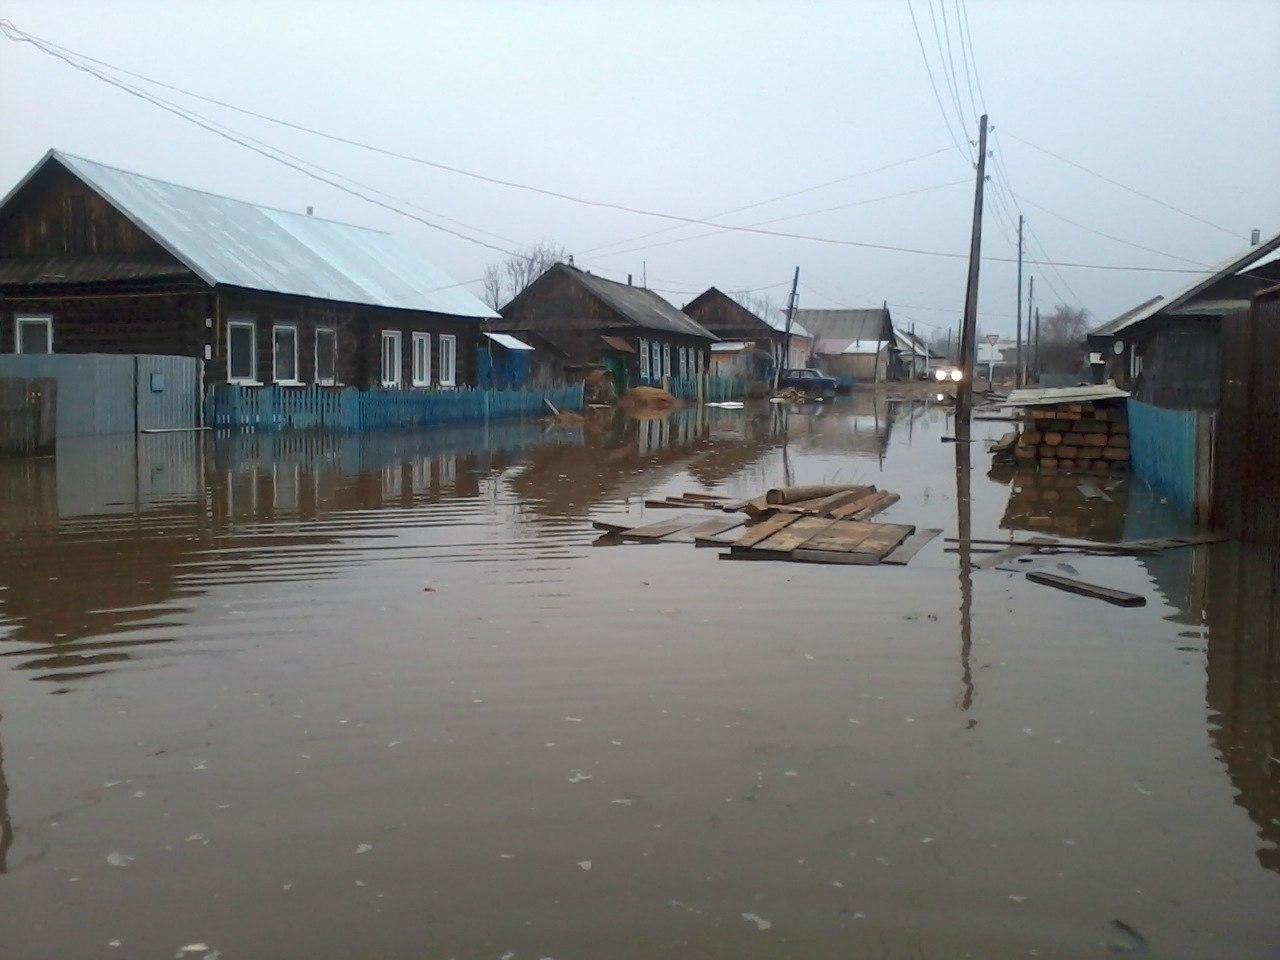 Потоп накрыл несколько населенных улиц в центральной части поселка Кизнер в Удмуртии. Жителям пришлось срочно переходить на водный транспорт... Читать далее...